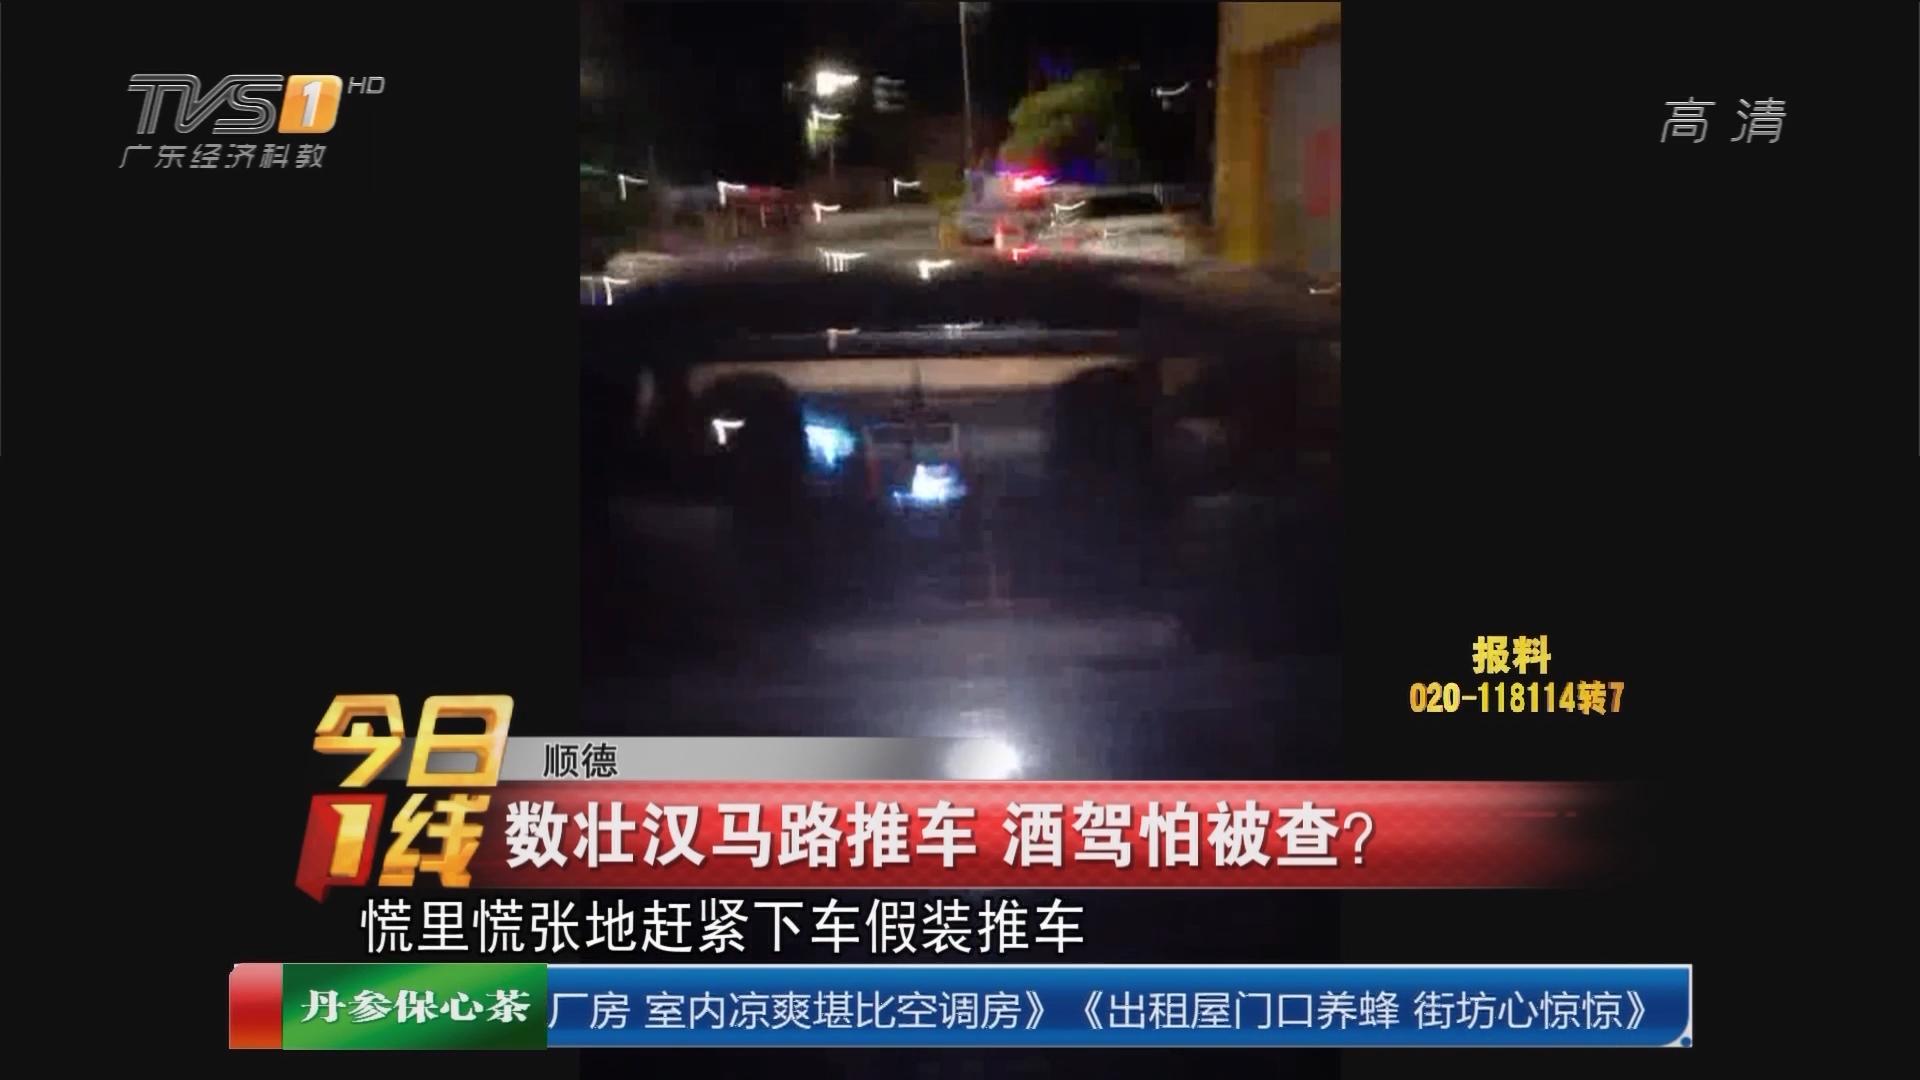 顺德:数壮汉马路推车 酒驾怕被查?